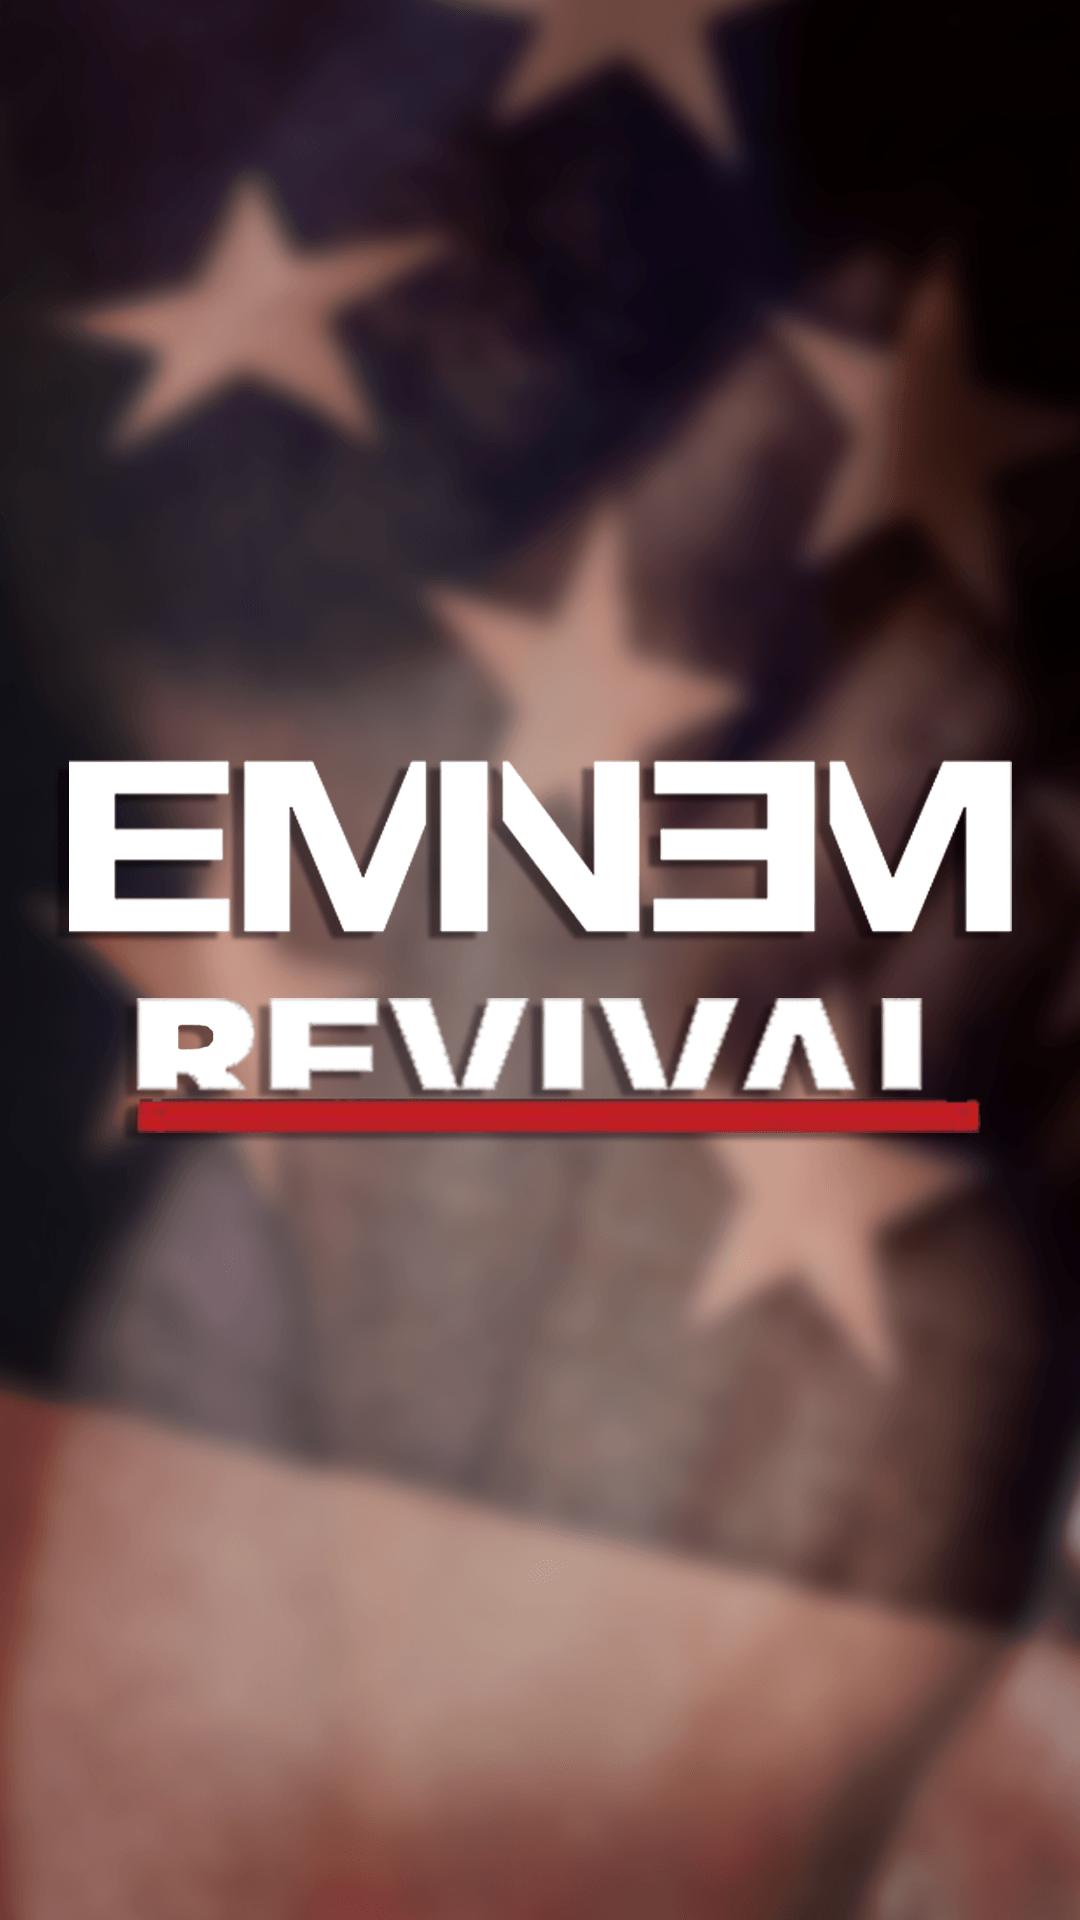 Eminem Revival Wallpapers - Top Free Eminem Revival Backgrounds